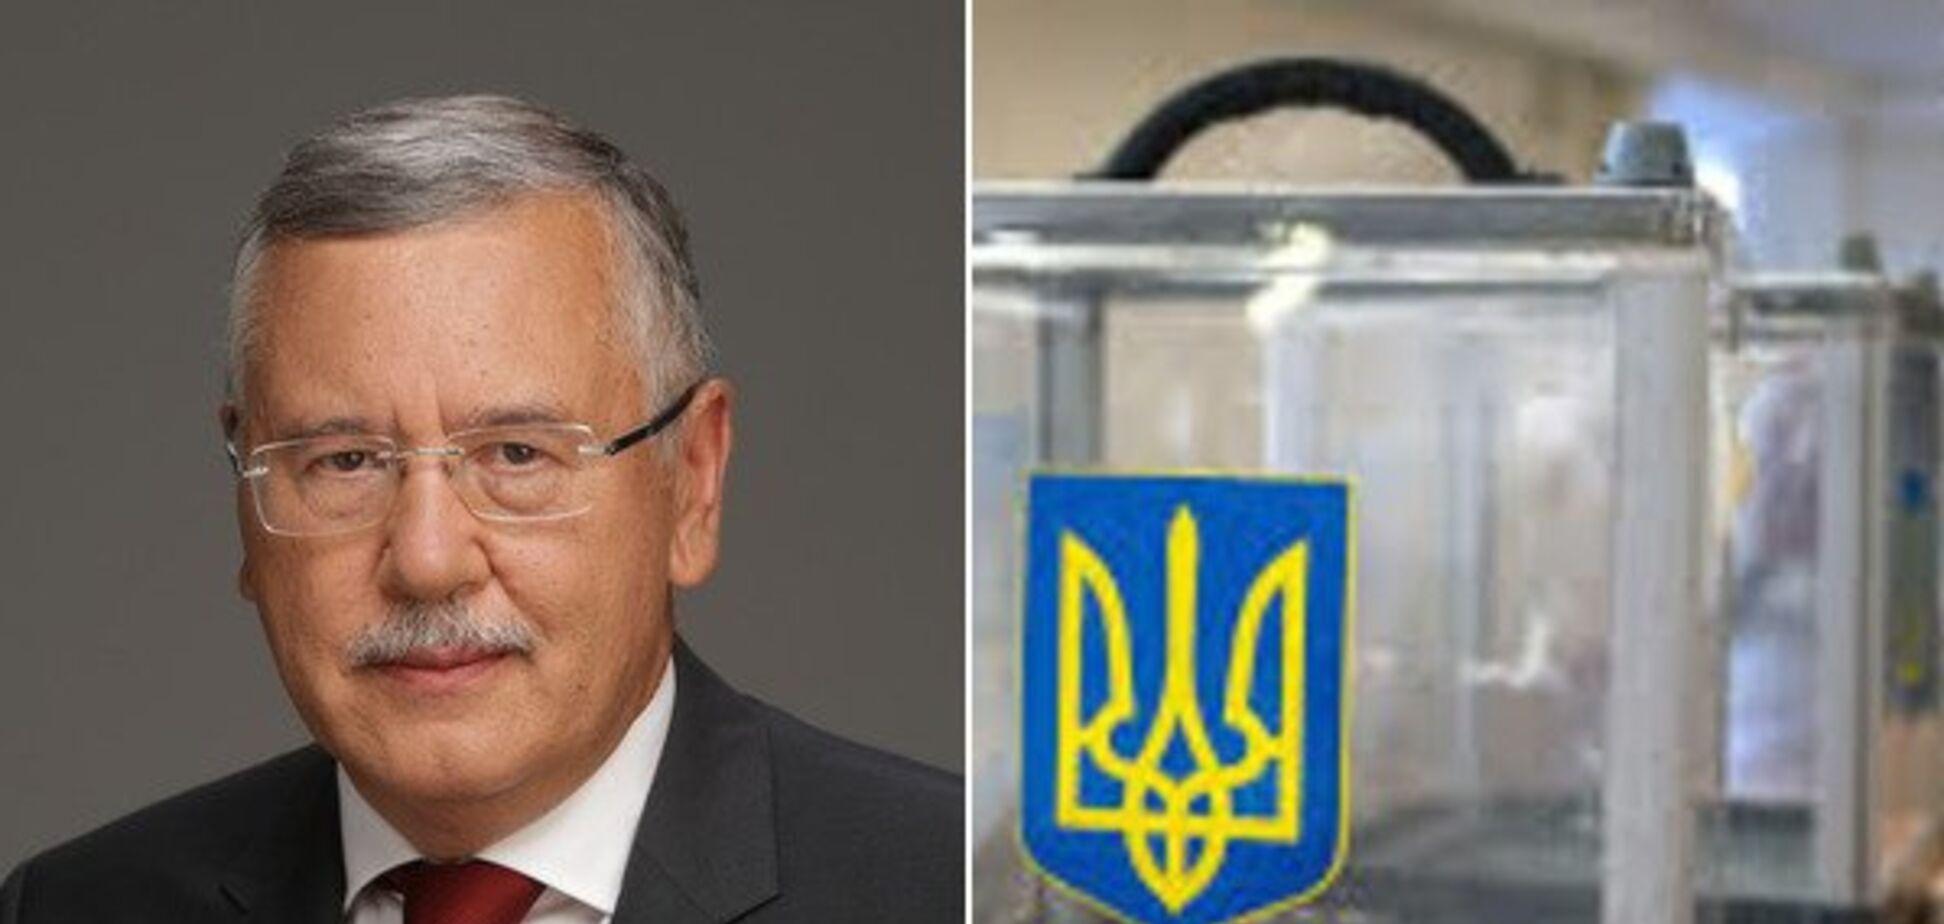 Новая избирательная система и наказание для нардепов: с чем Гриценко идет в президенты